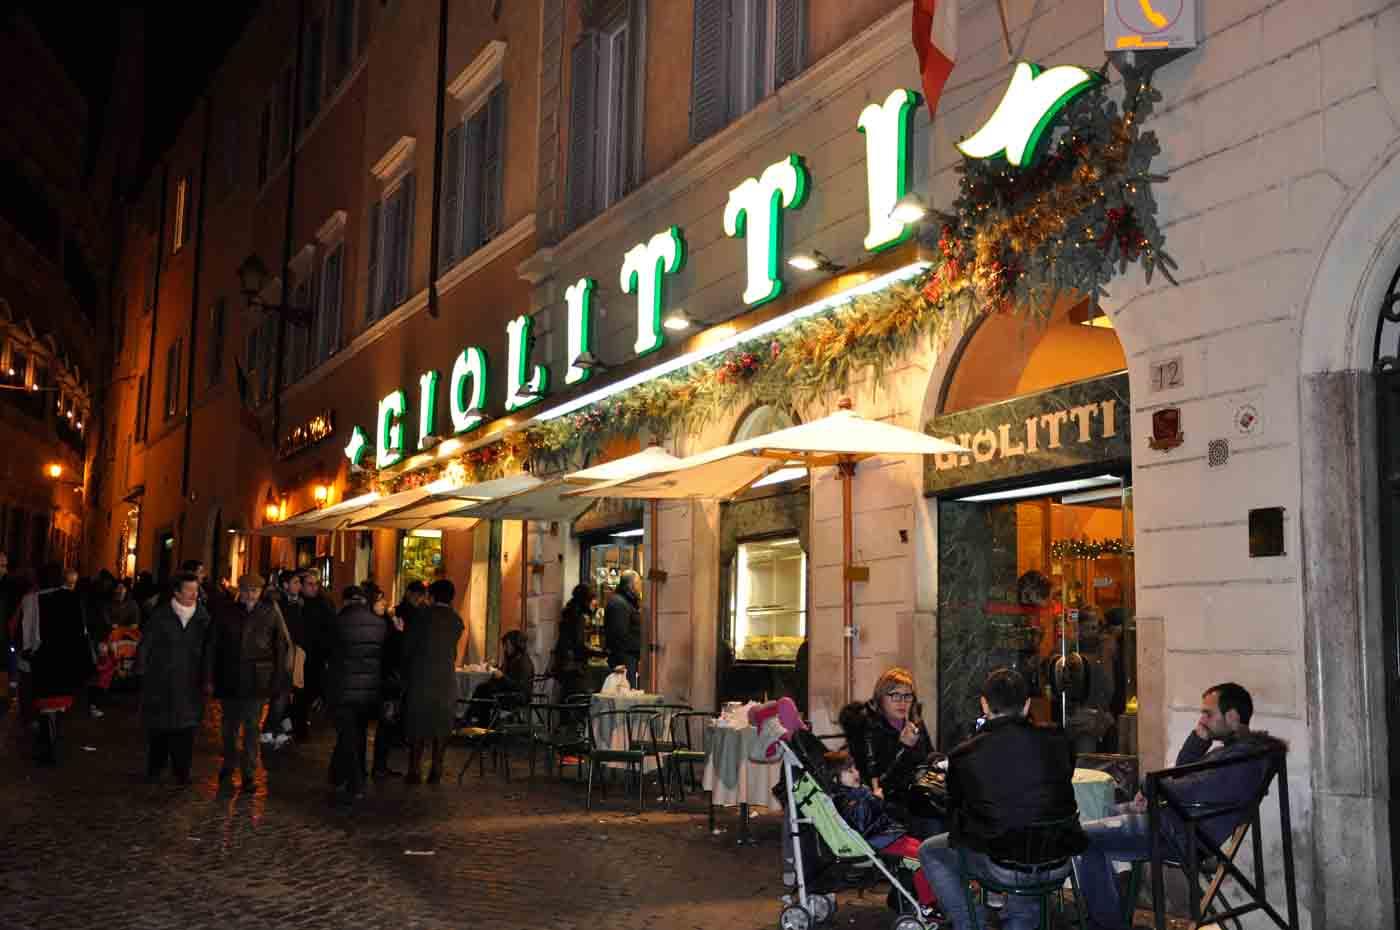 (Deutsch) Giolitti